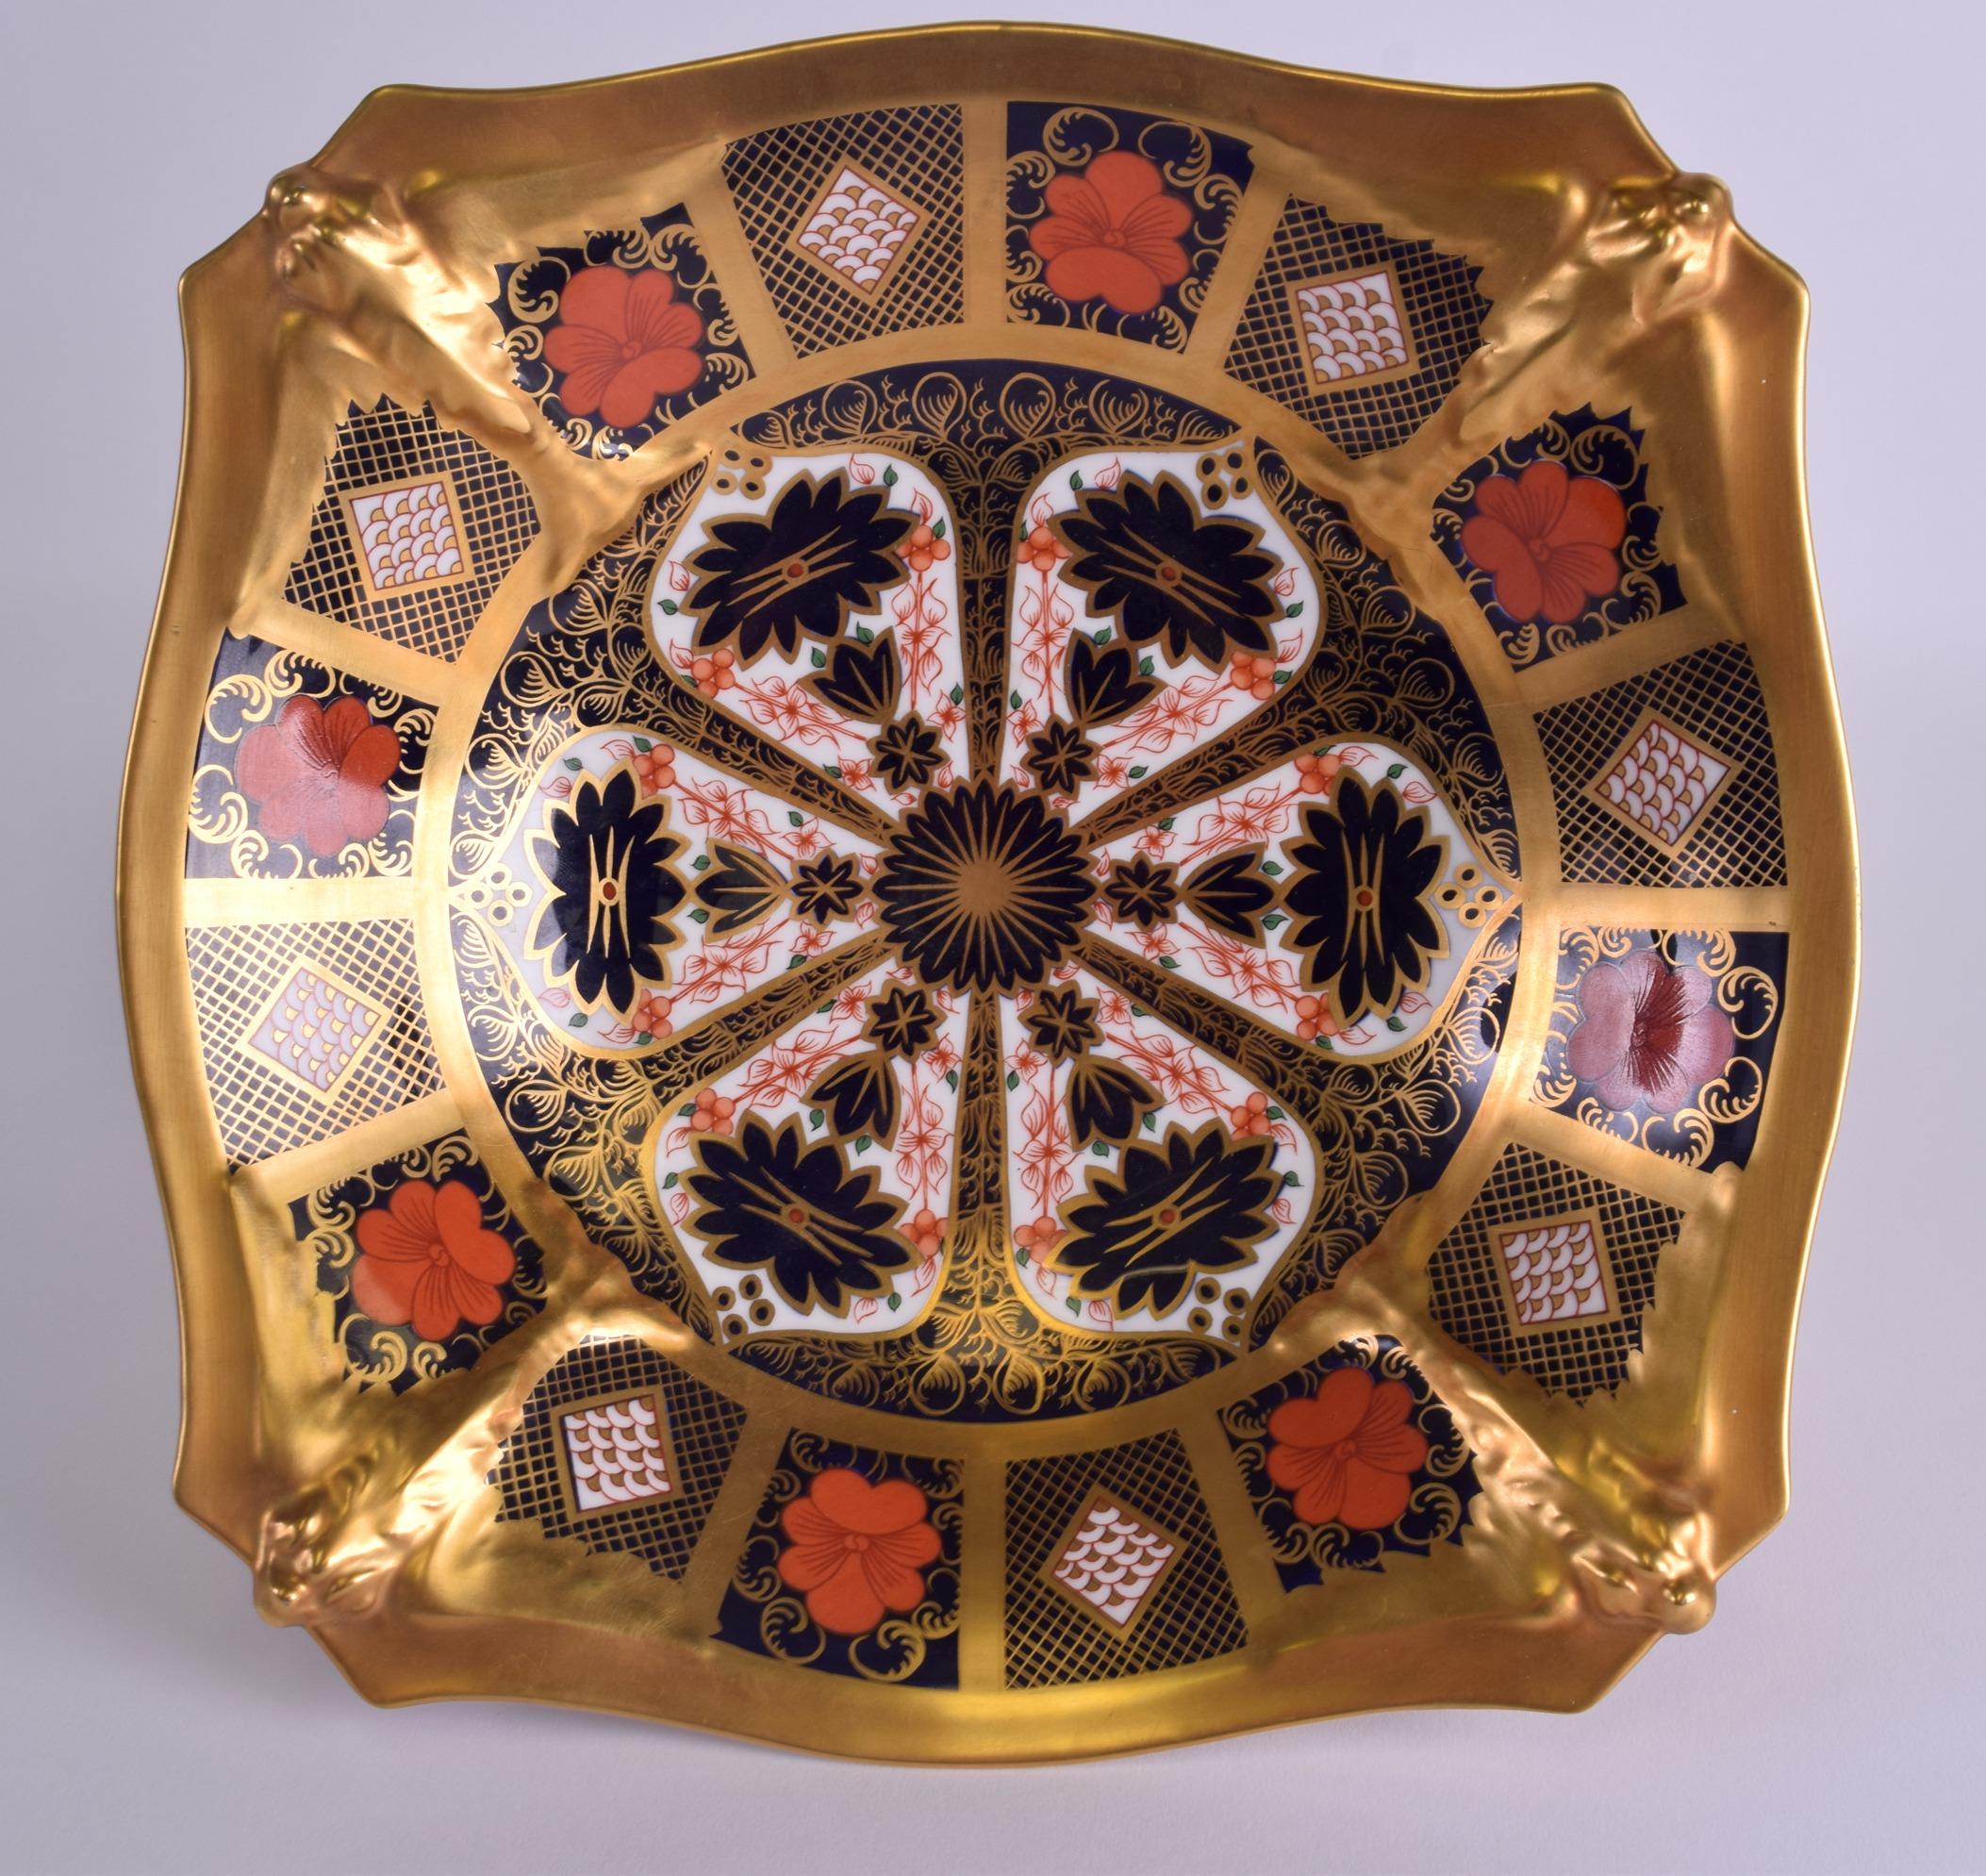 Lot 66 - A LARGE ROYAL CROWN DERBY IMARI PEDESTAL TAZZA pattern 1128. 24 cm x 14 cm.